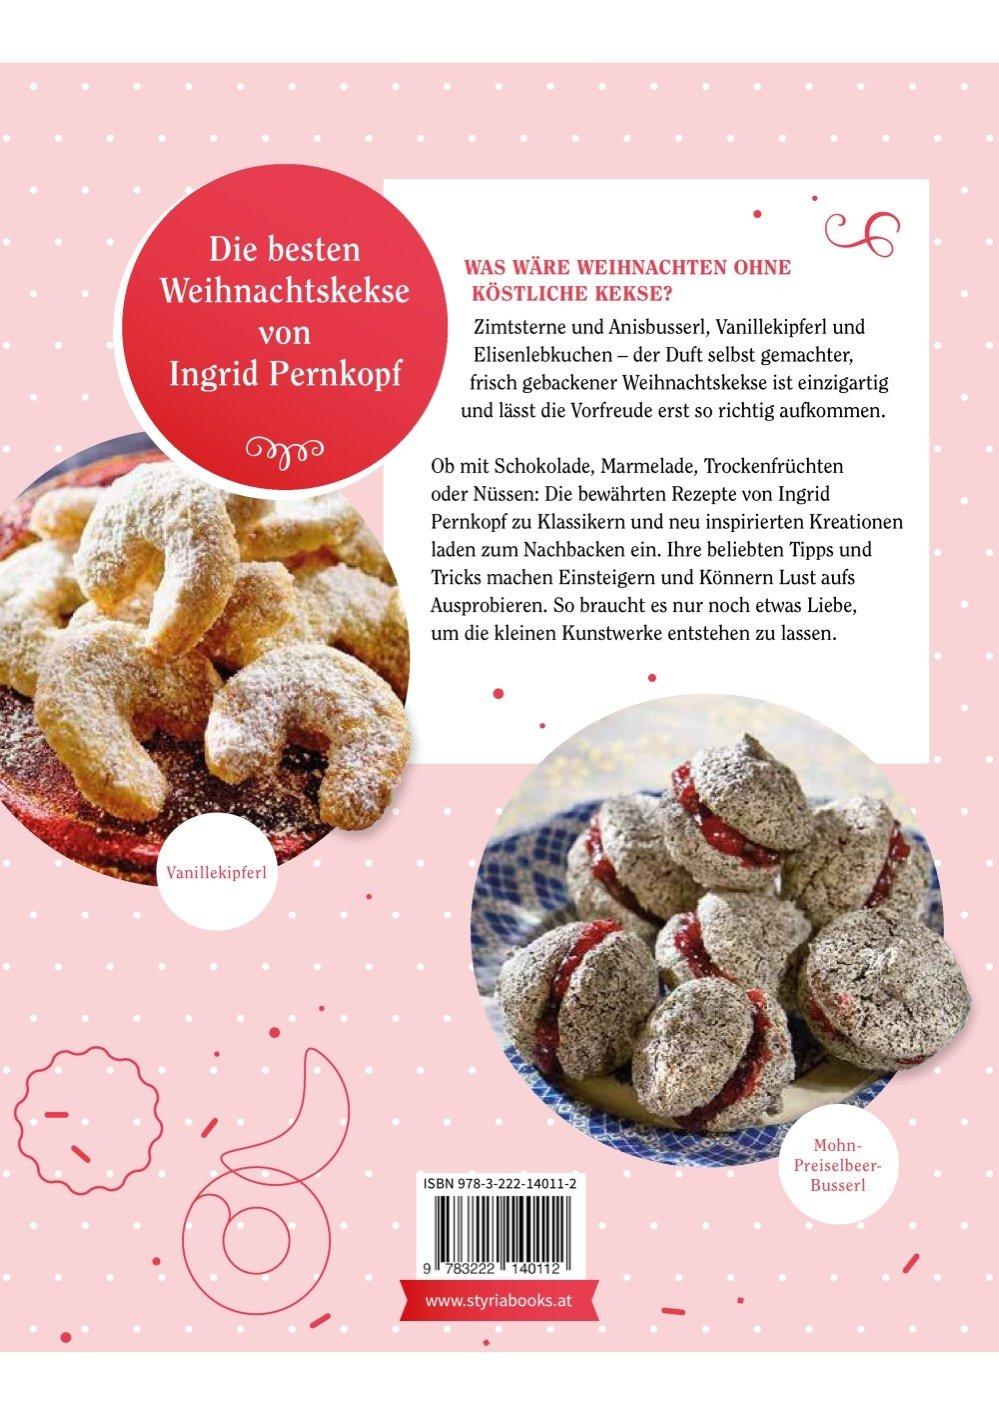 Weihnachtskekse Bestellen österreich.Kipferl Busserl Versandkostenfrei Bestellen